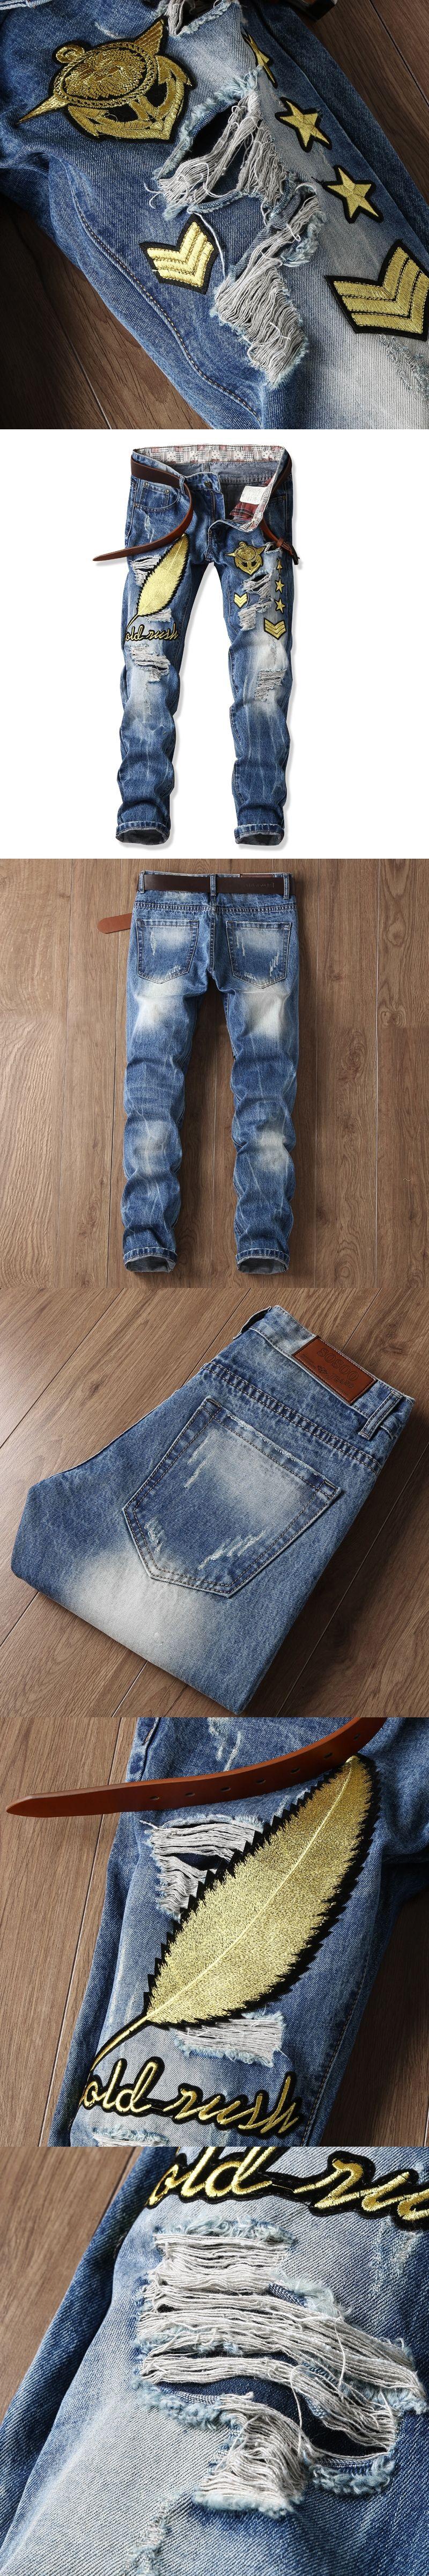 094839a1f7 Summer Plus Size Designer Vintage Retro Jeans Men Worn Denim Trousers  Fashion Light Blue Straight Jeans